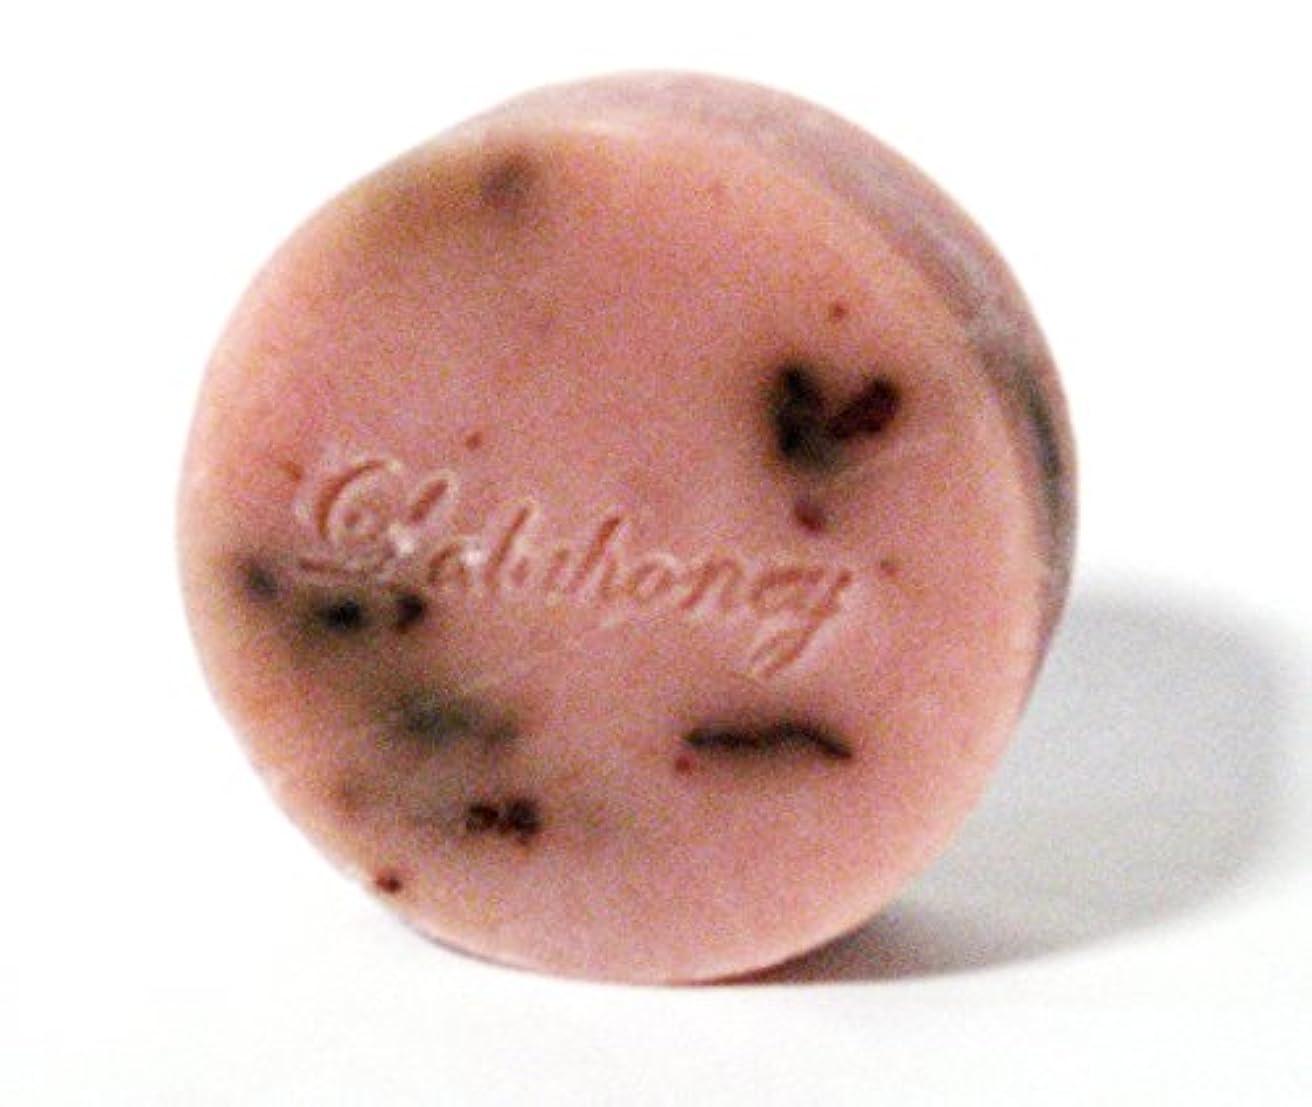 ふくろう上昇温帯LALAHONEY 石鹸〈ピンクフラワーの香り〉80g【手作りでシンプルなコールドプロセス製法】